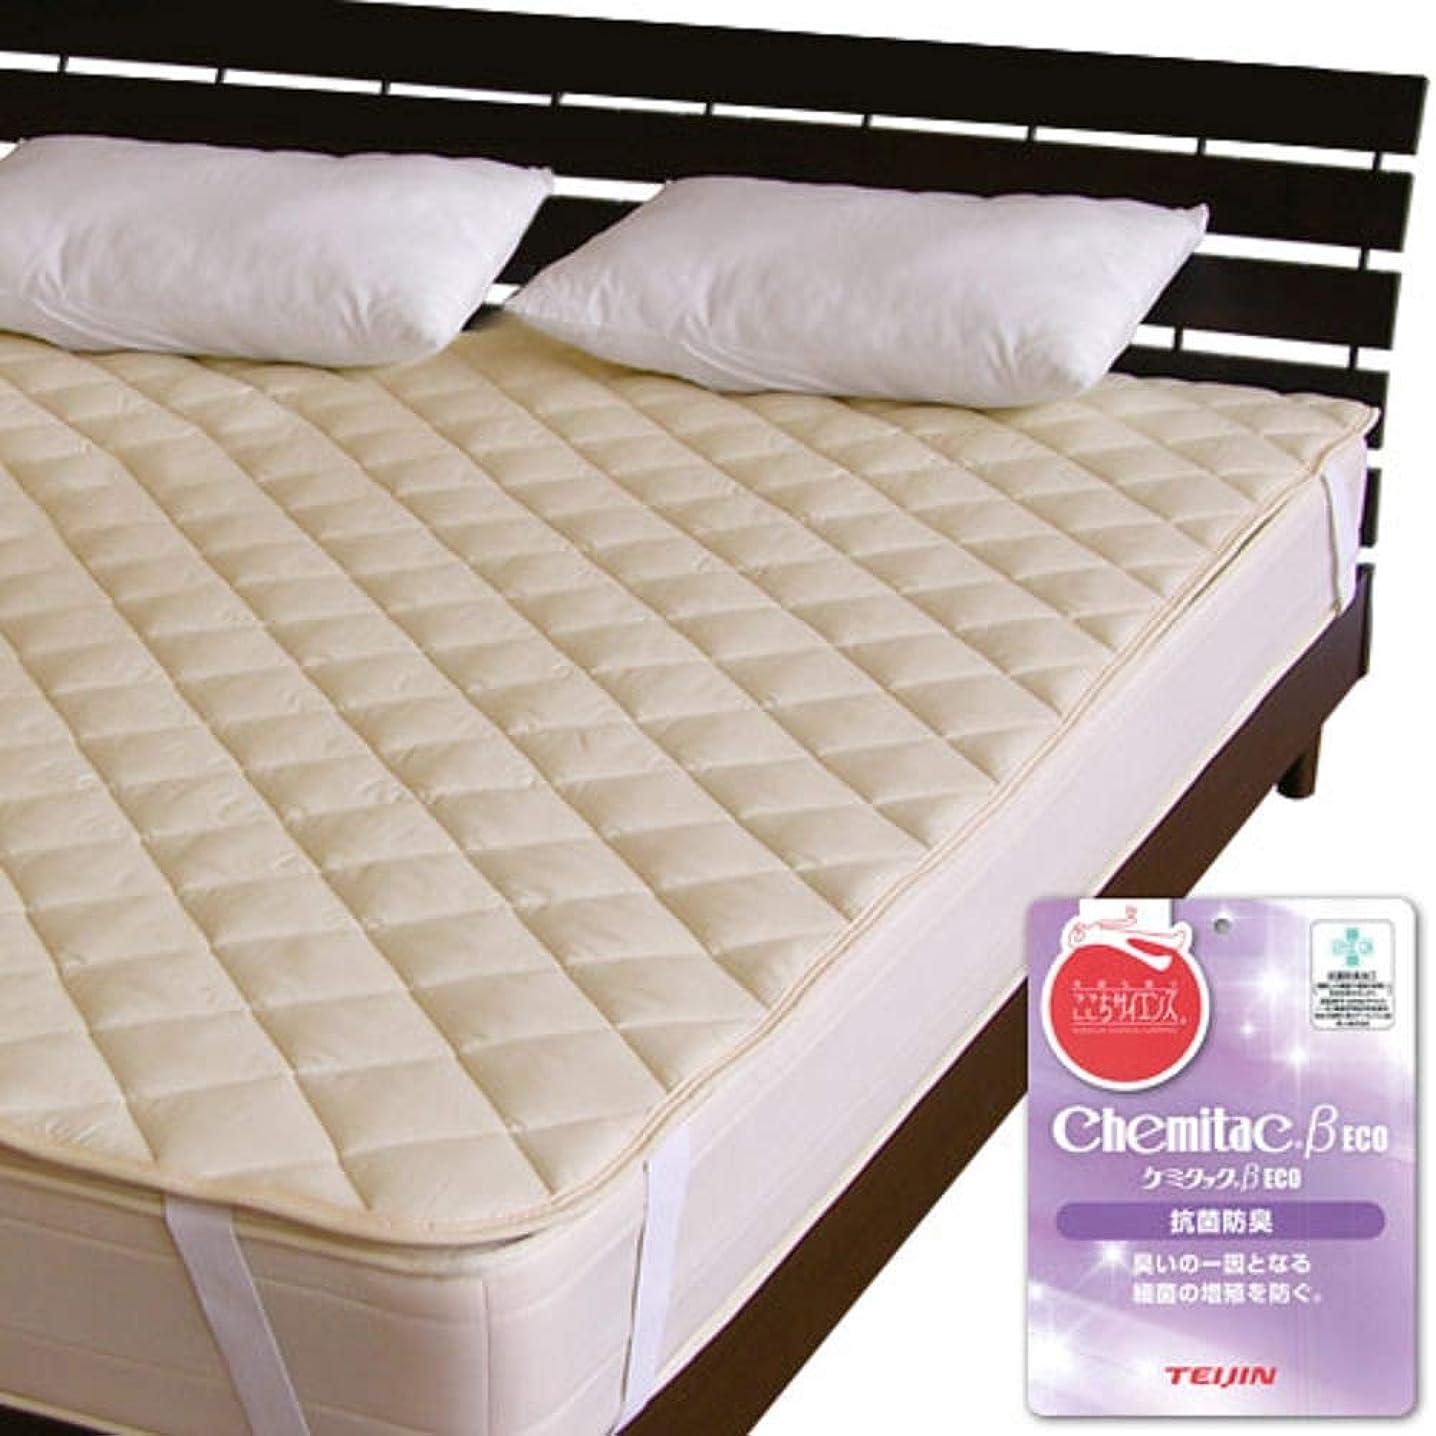 送料一時的抑圧者メーカー直販 洗えるベッドパッド 帝人ケミタック わた入り 抗菌防臭効果あり SEKマーク付 ワイドダブル150×200cm